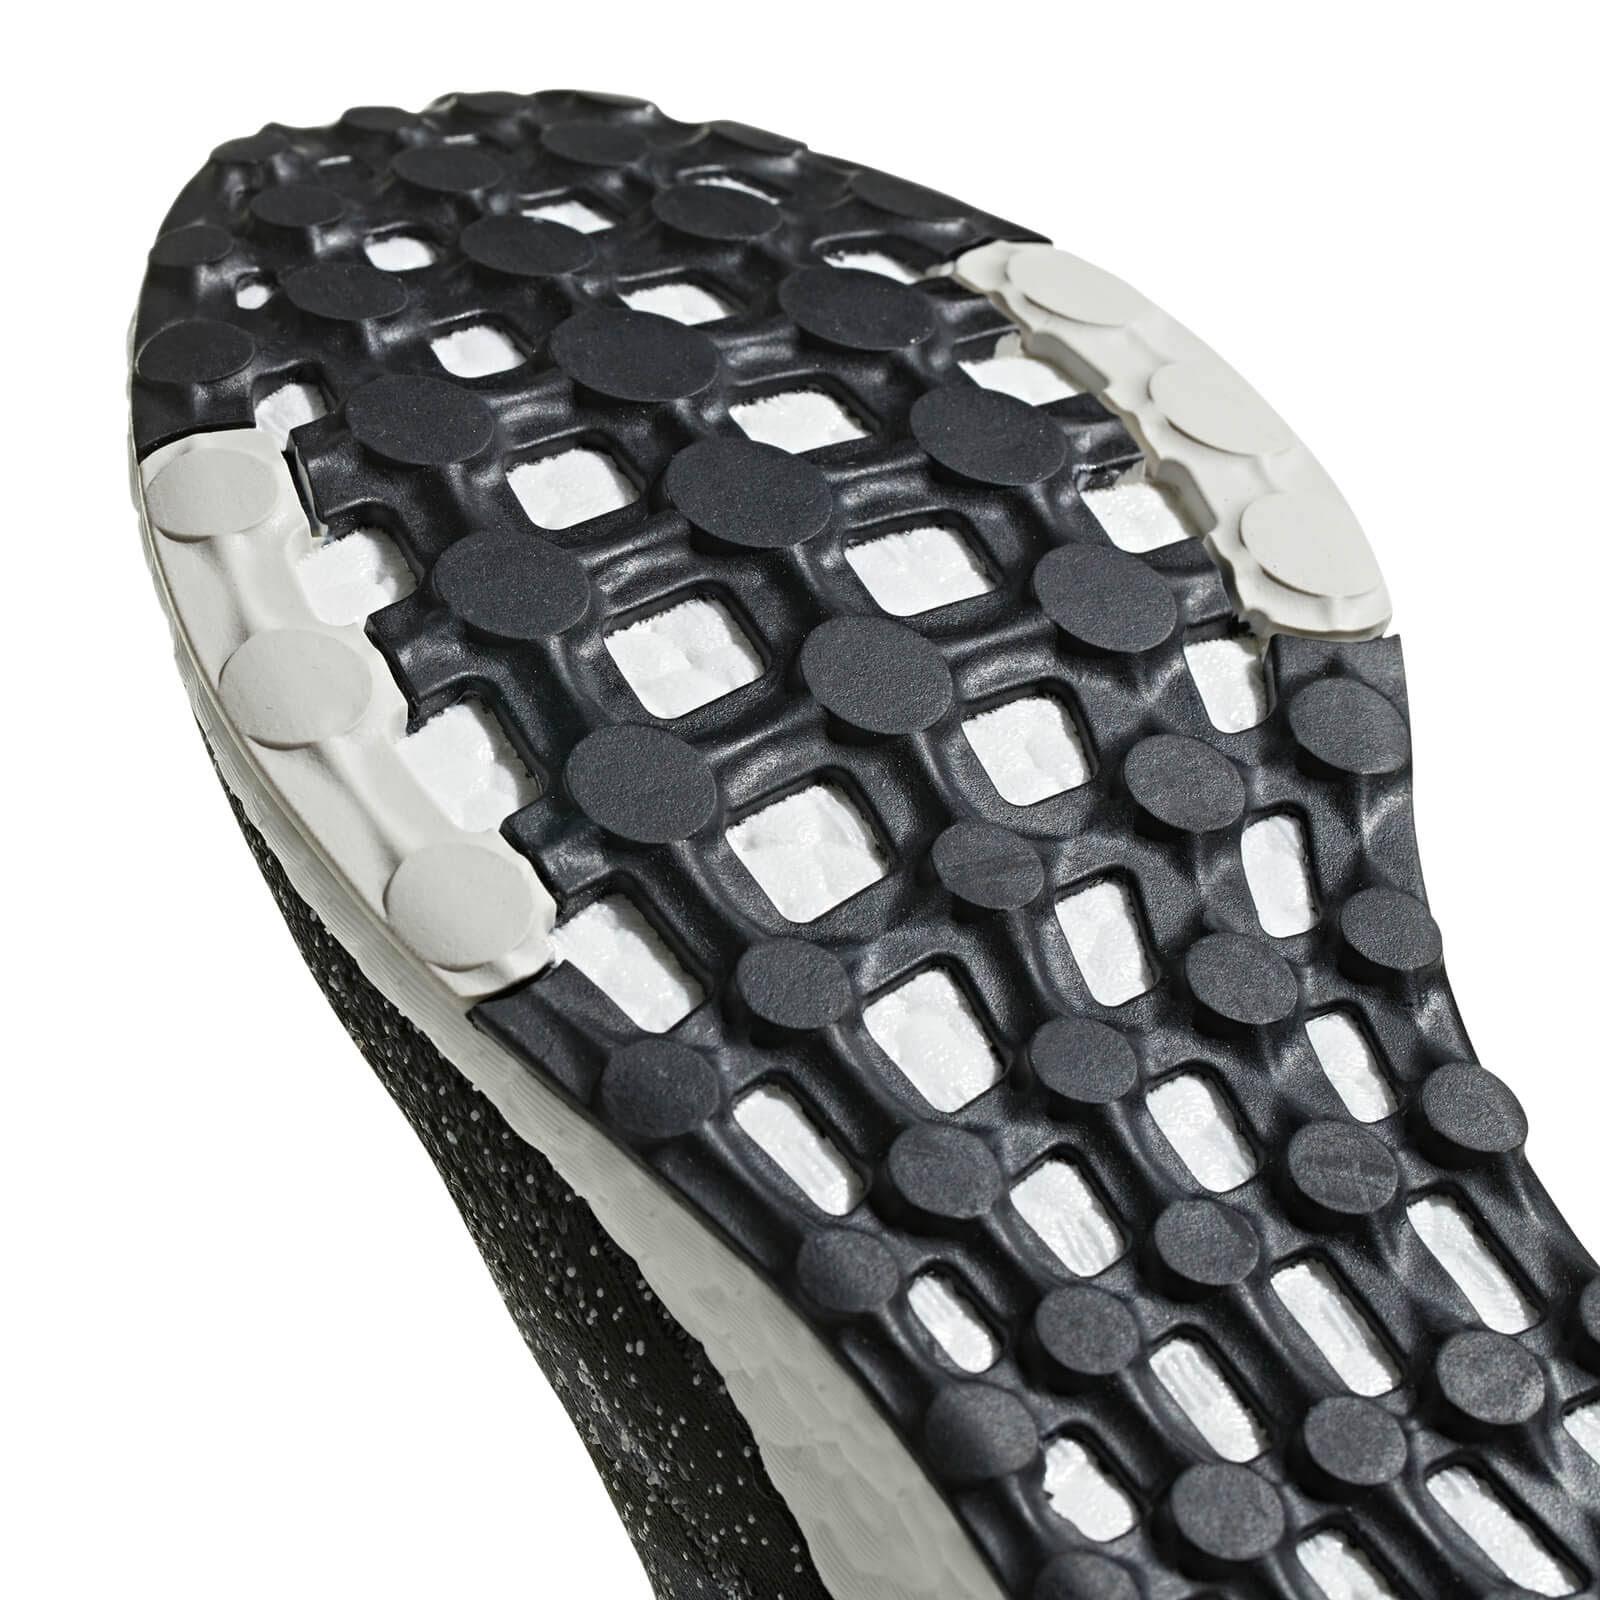 11 Rawwhite Greyone Pureboost Greysix Us Dpr Adidas xzwtq76x